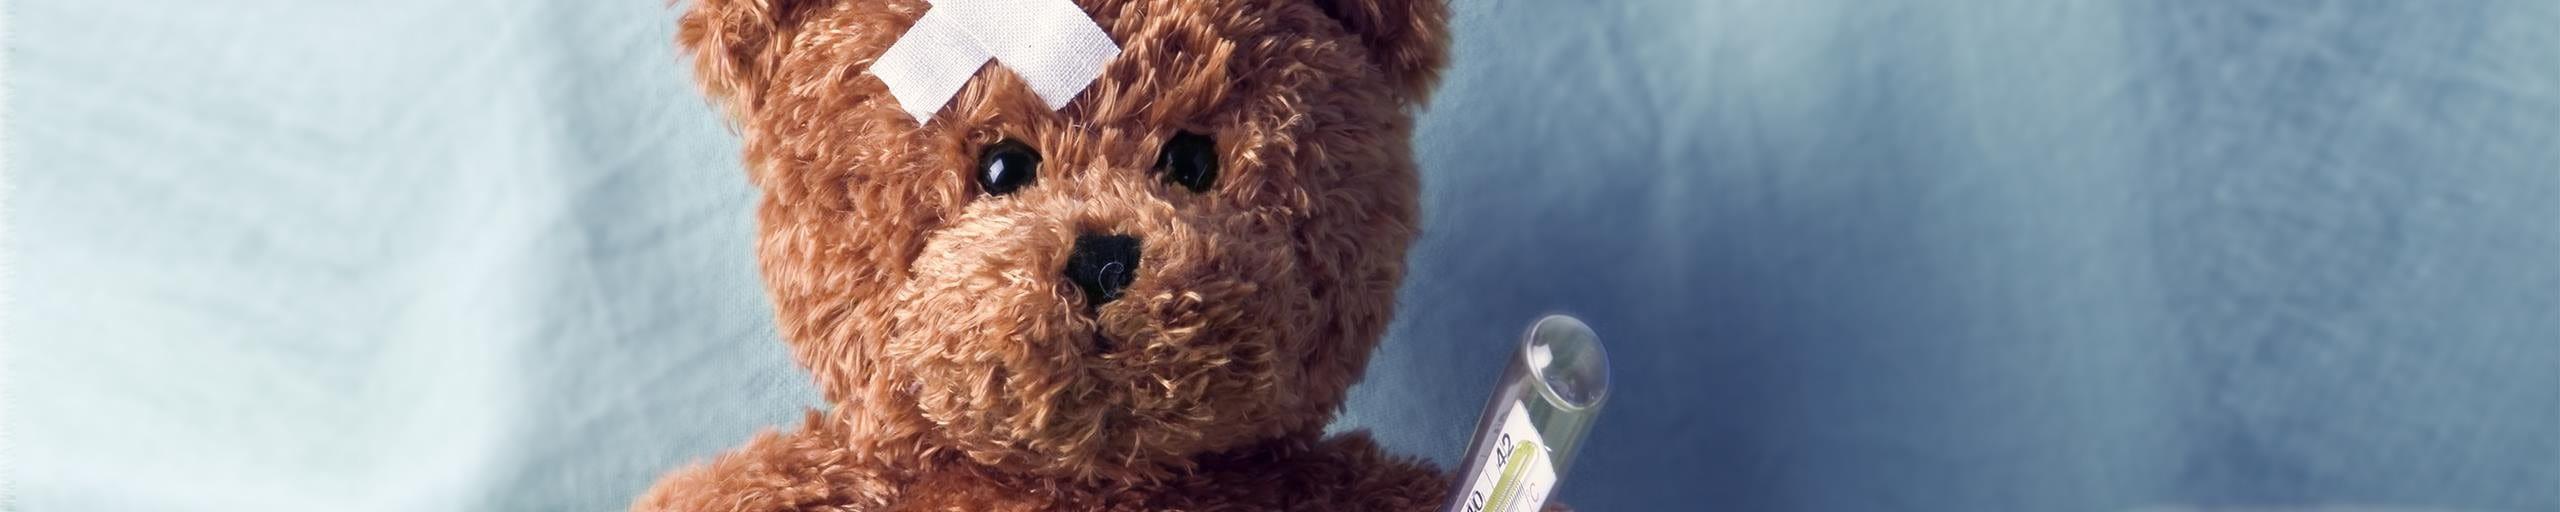 Teddy avec la fièvre